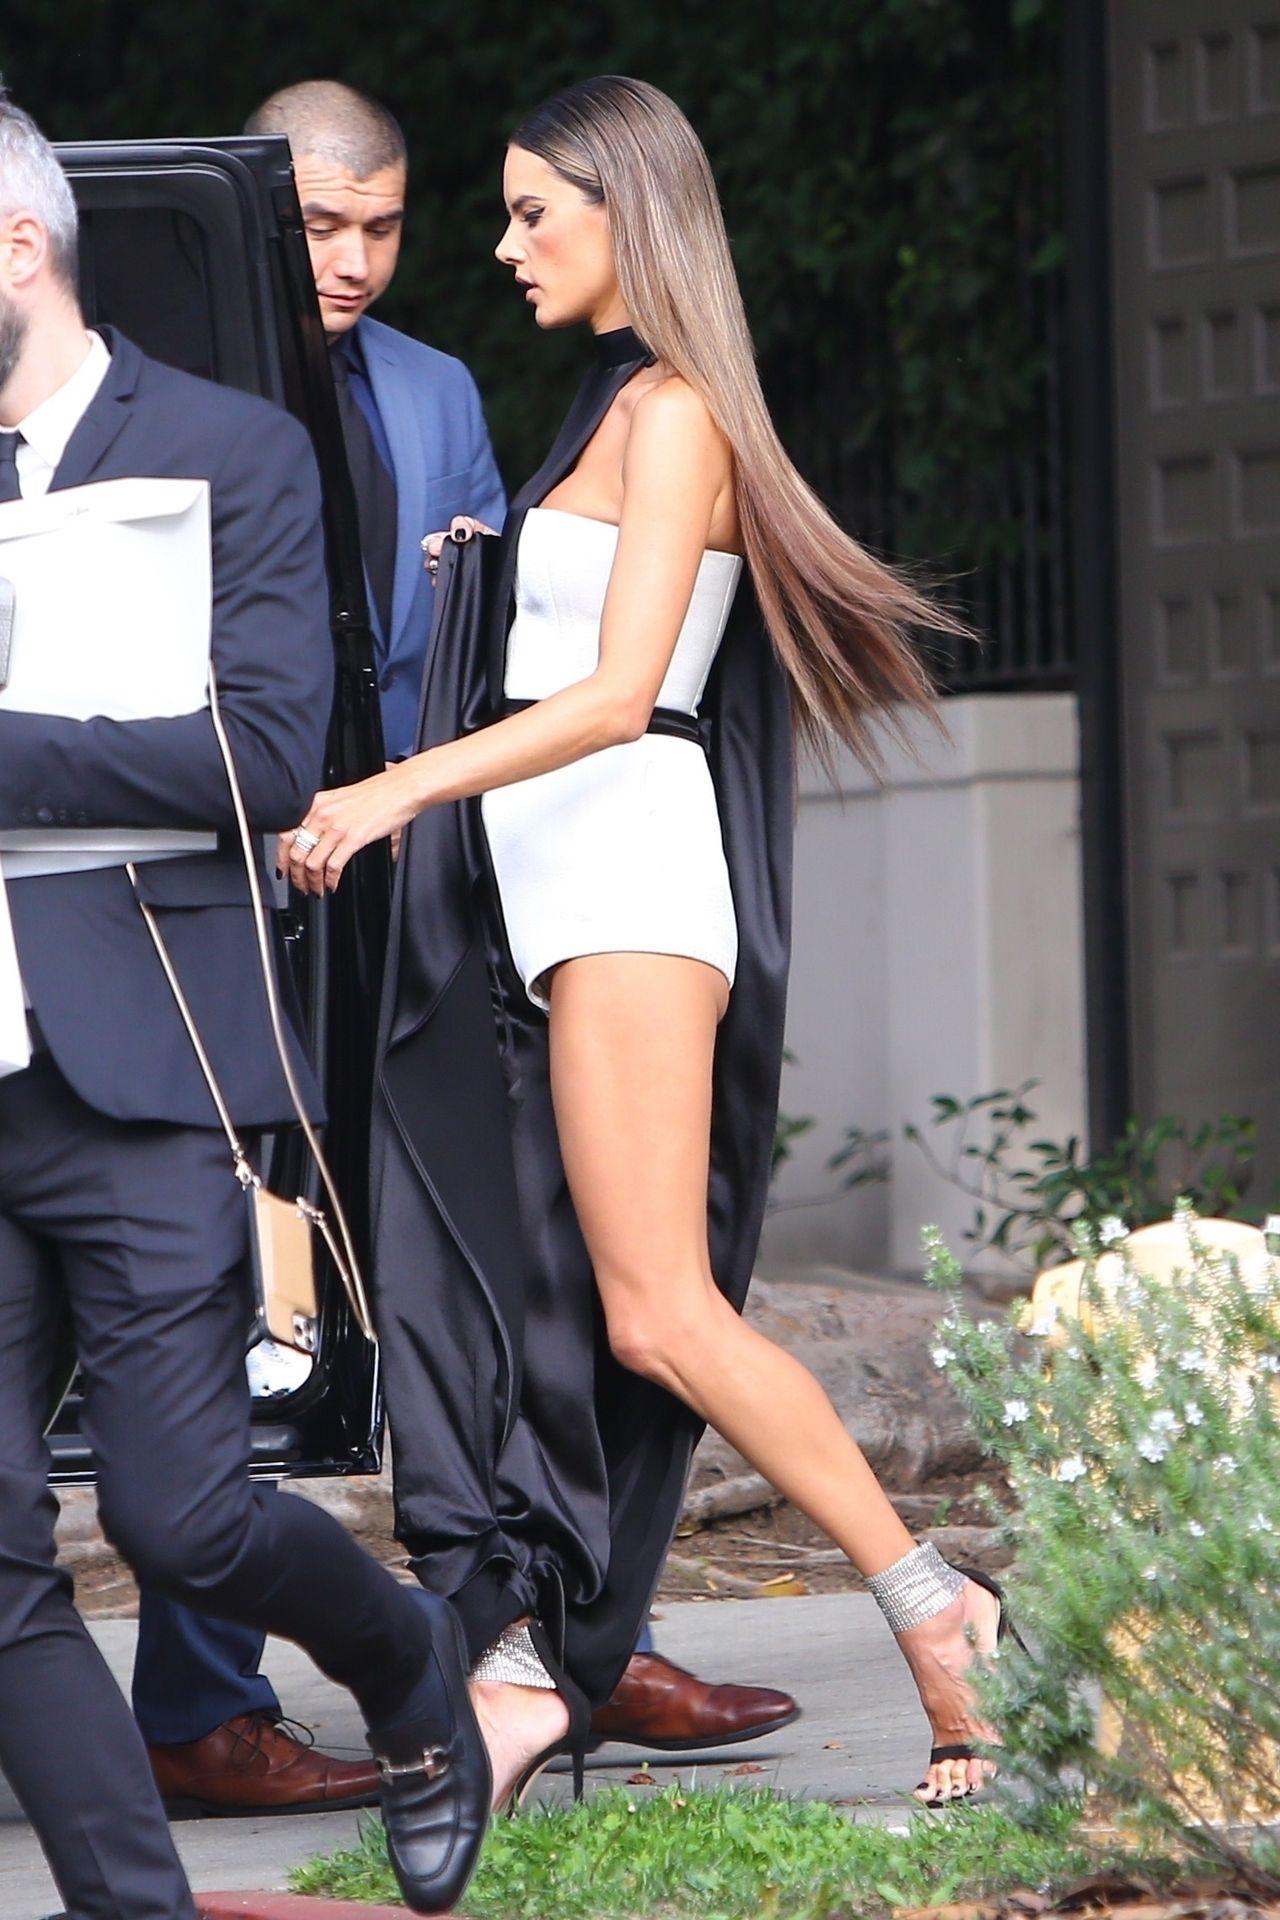 Alessandra Ambrosio Looks Stunning Ahead Of The Grammys 0018